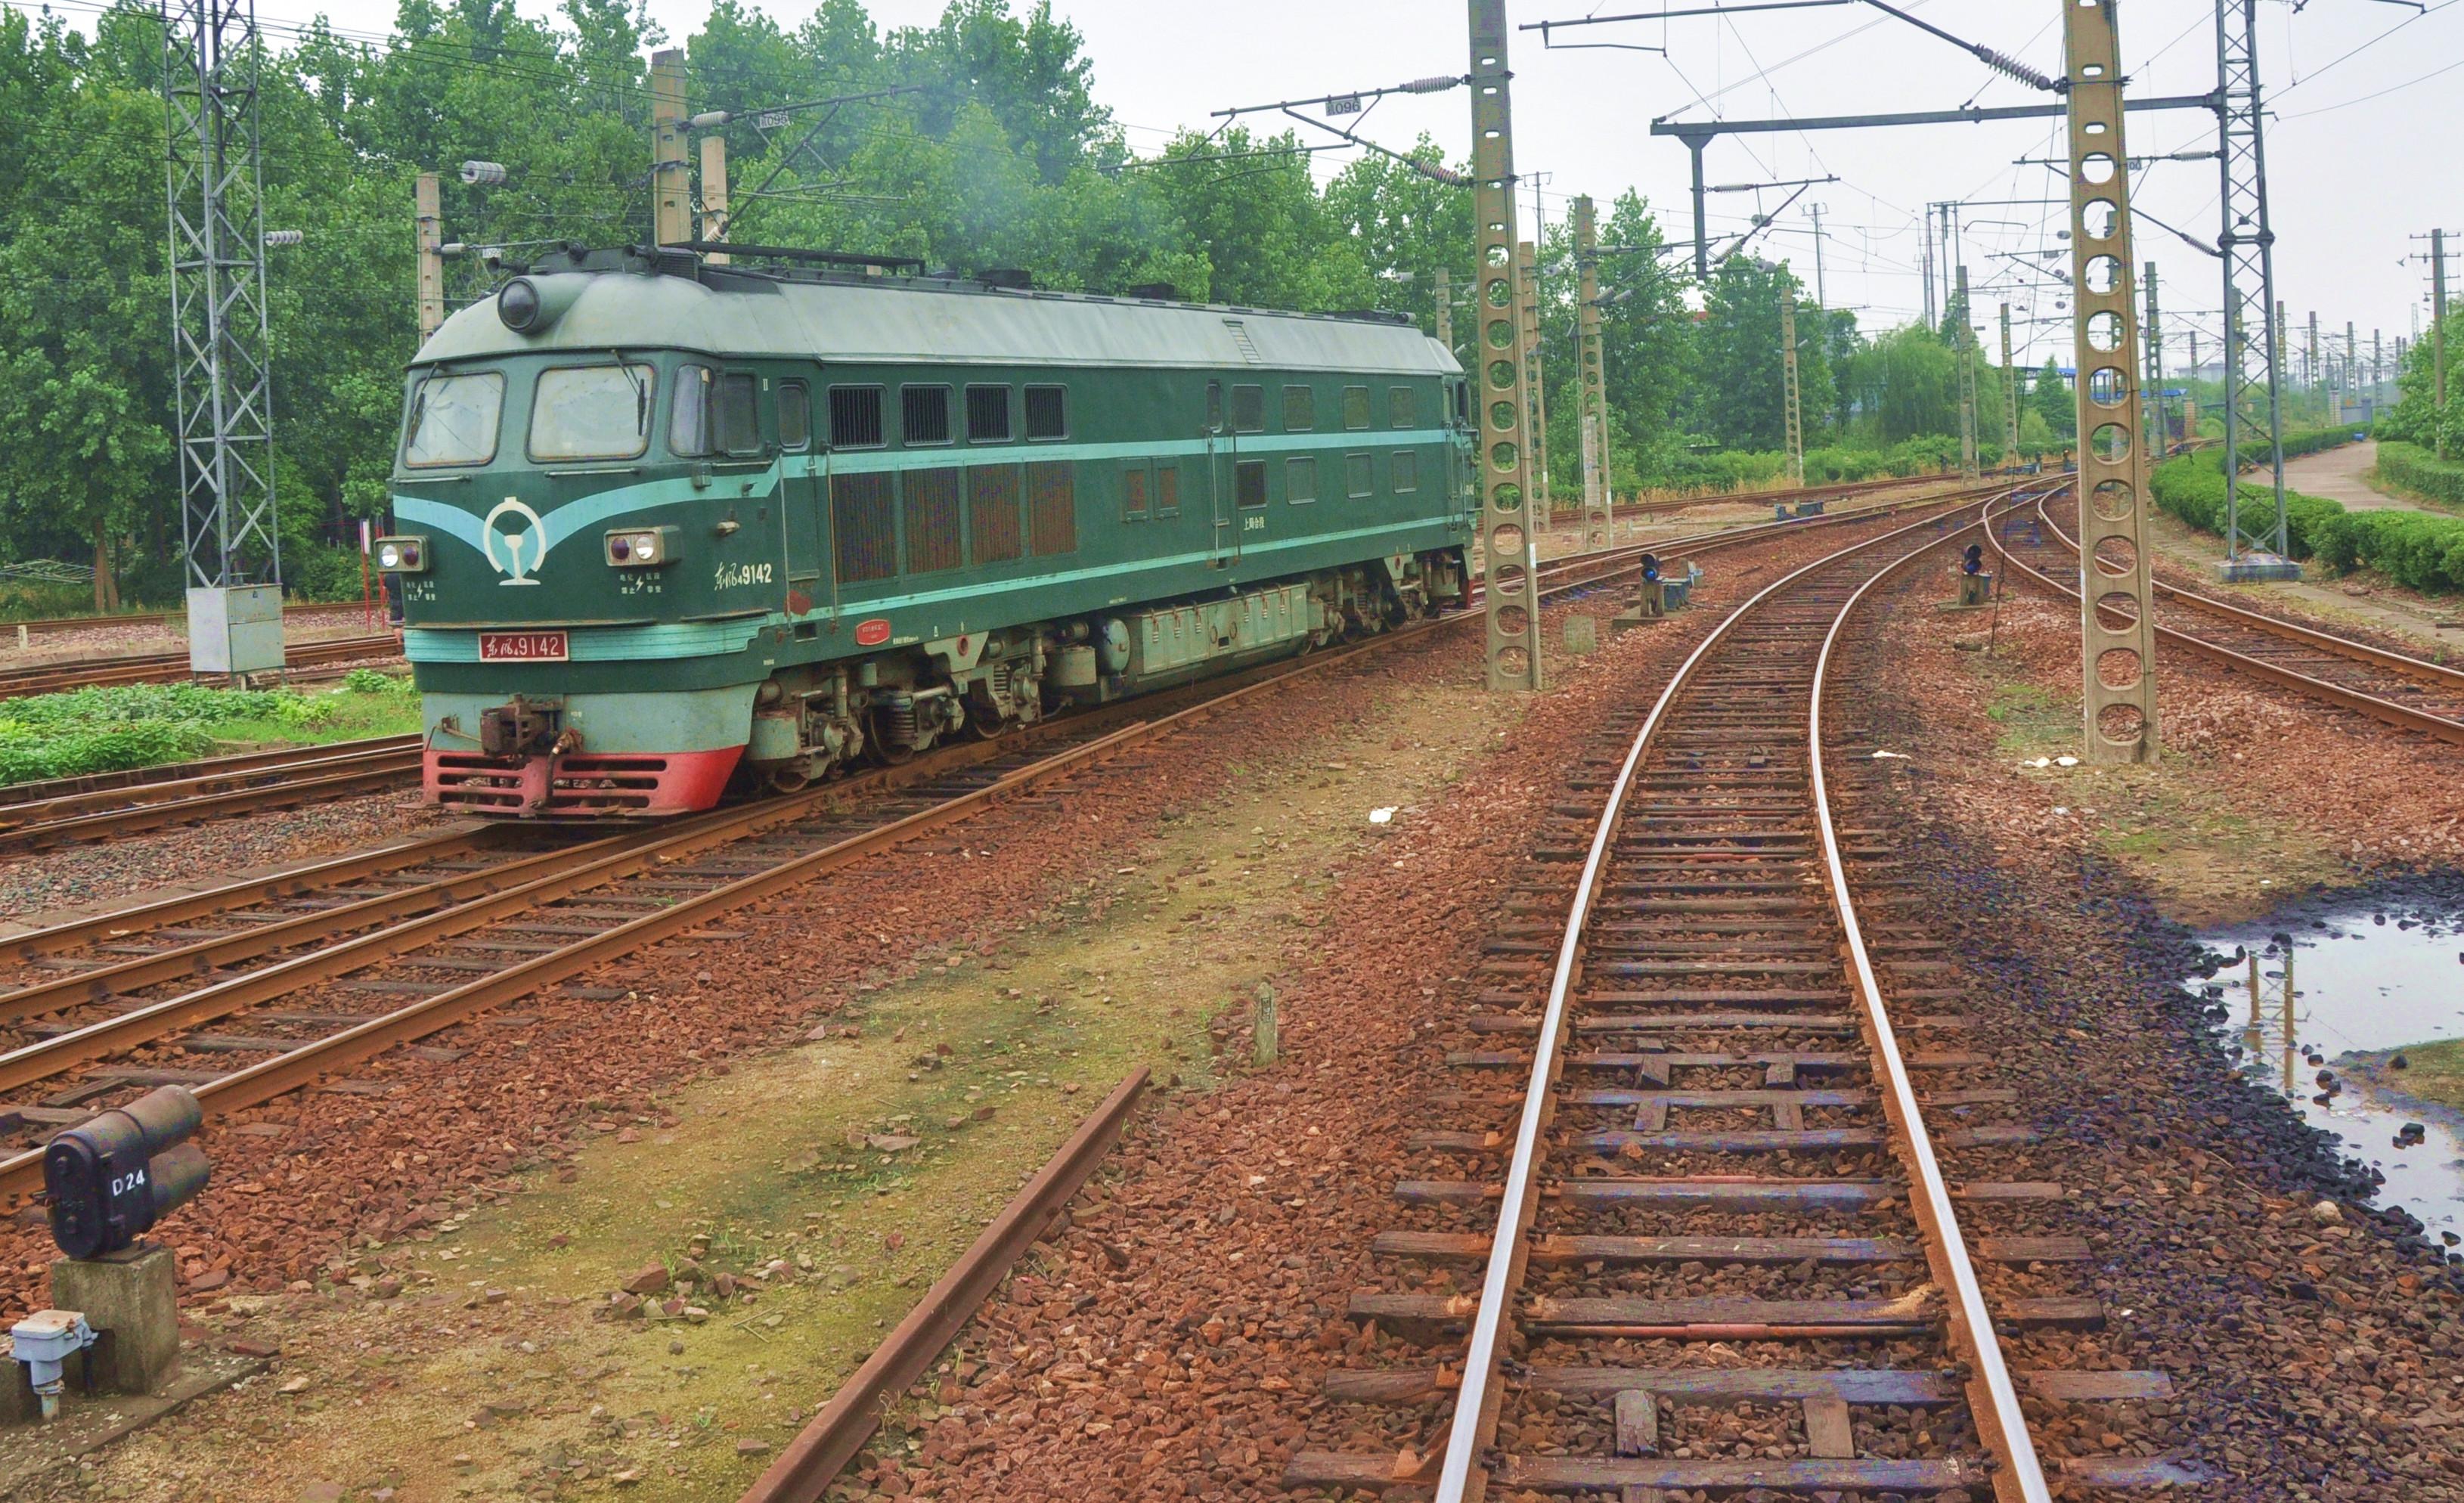 感谢 @漂流的木木 推荐 离开,让一切有了重新被原谅的理由。 高考前脑子里一直在想这句话,总想去很远的地方,想着在一个新的地方重新开始。 我的家乡没有火车,小时候看电视里的那些老火车站,站台,绿皮火车,就觉得他们是有魔法的,给人追逐梦想的勇气 在没有高铁,而机票又是天价的年代,火车对我来说的意义就是远行。 读大学以后,开始一个人出去玩,一个人坐车,一个人看风景,一个人走走停停 我喜欢旅行,去不同的地方,看不同的风景,体验不同的生活。 我喜欢火车,喜欢慢悠悠的旅程,喜欢和同行者聊天,喜欢这种踏上未知的感觉